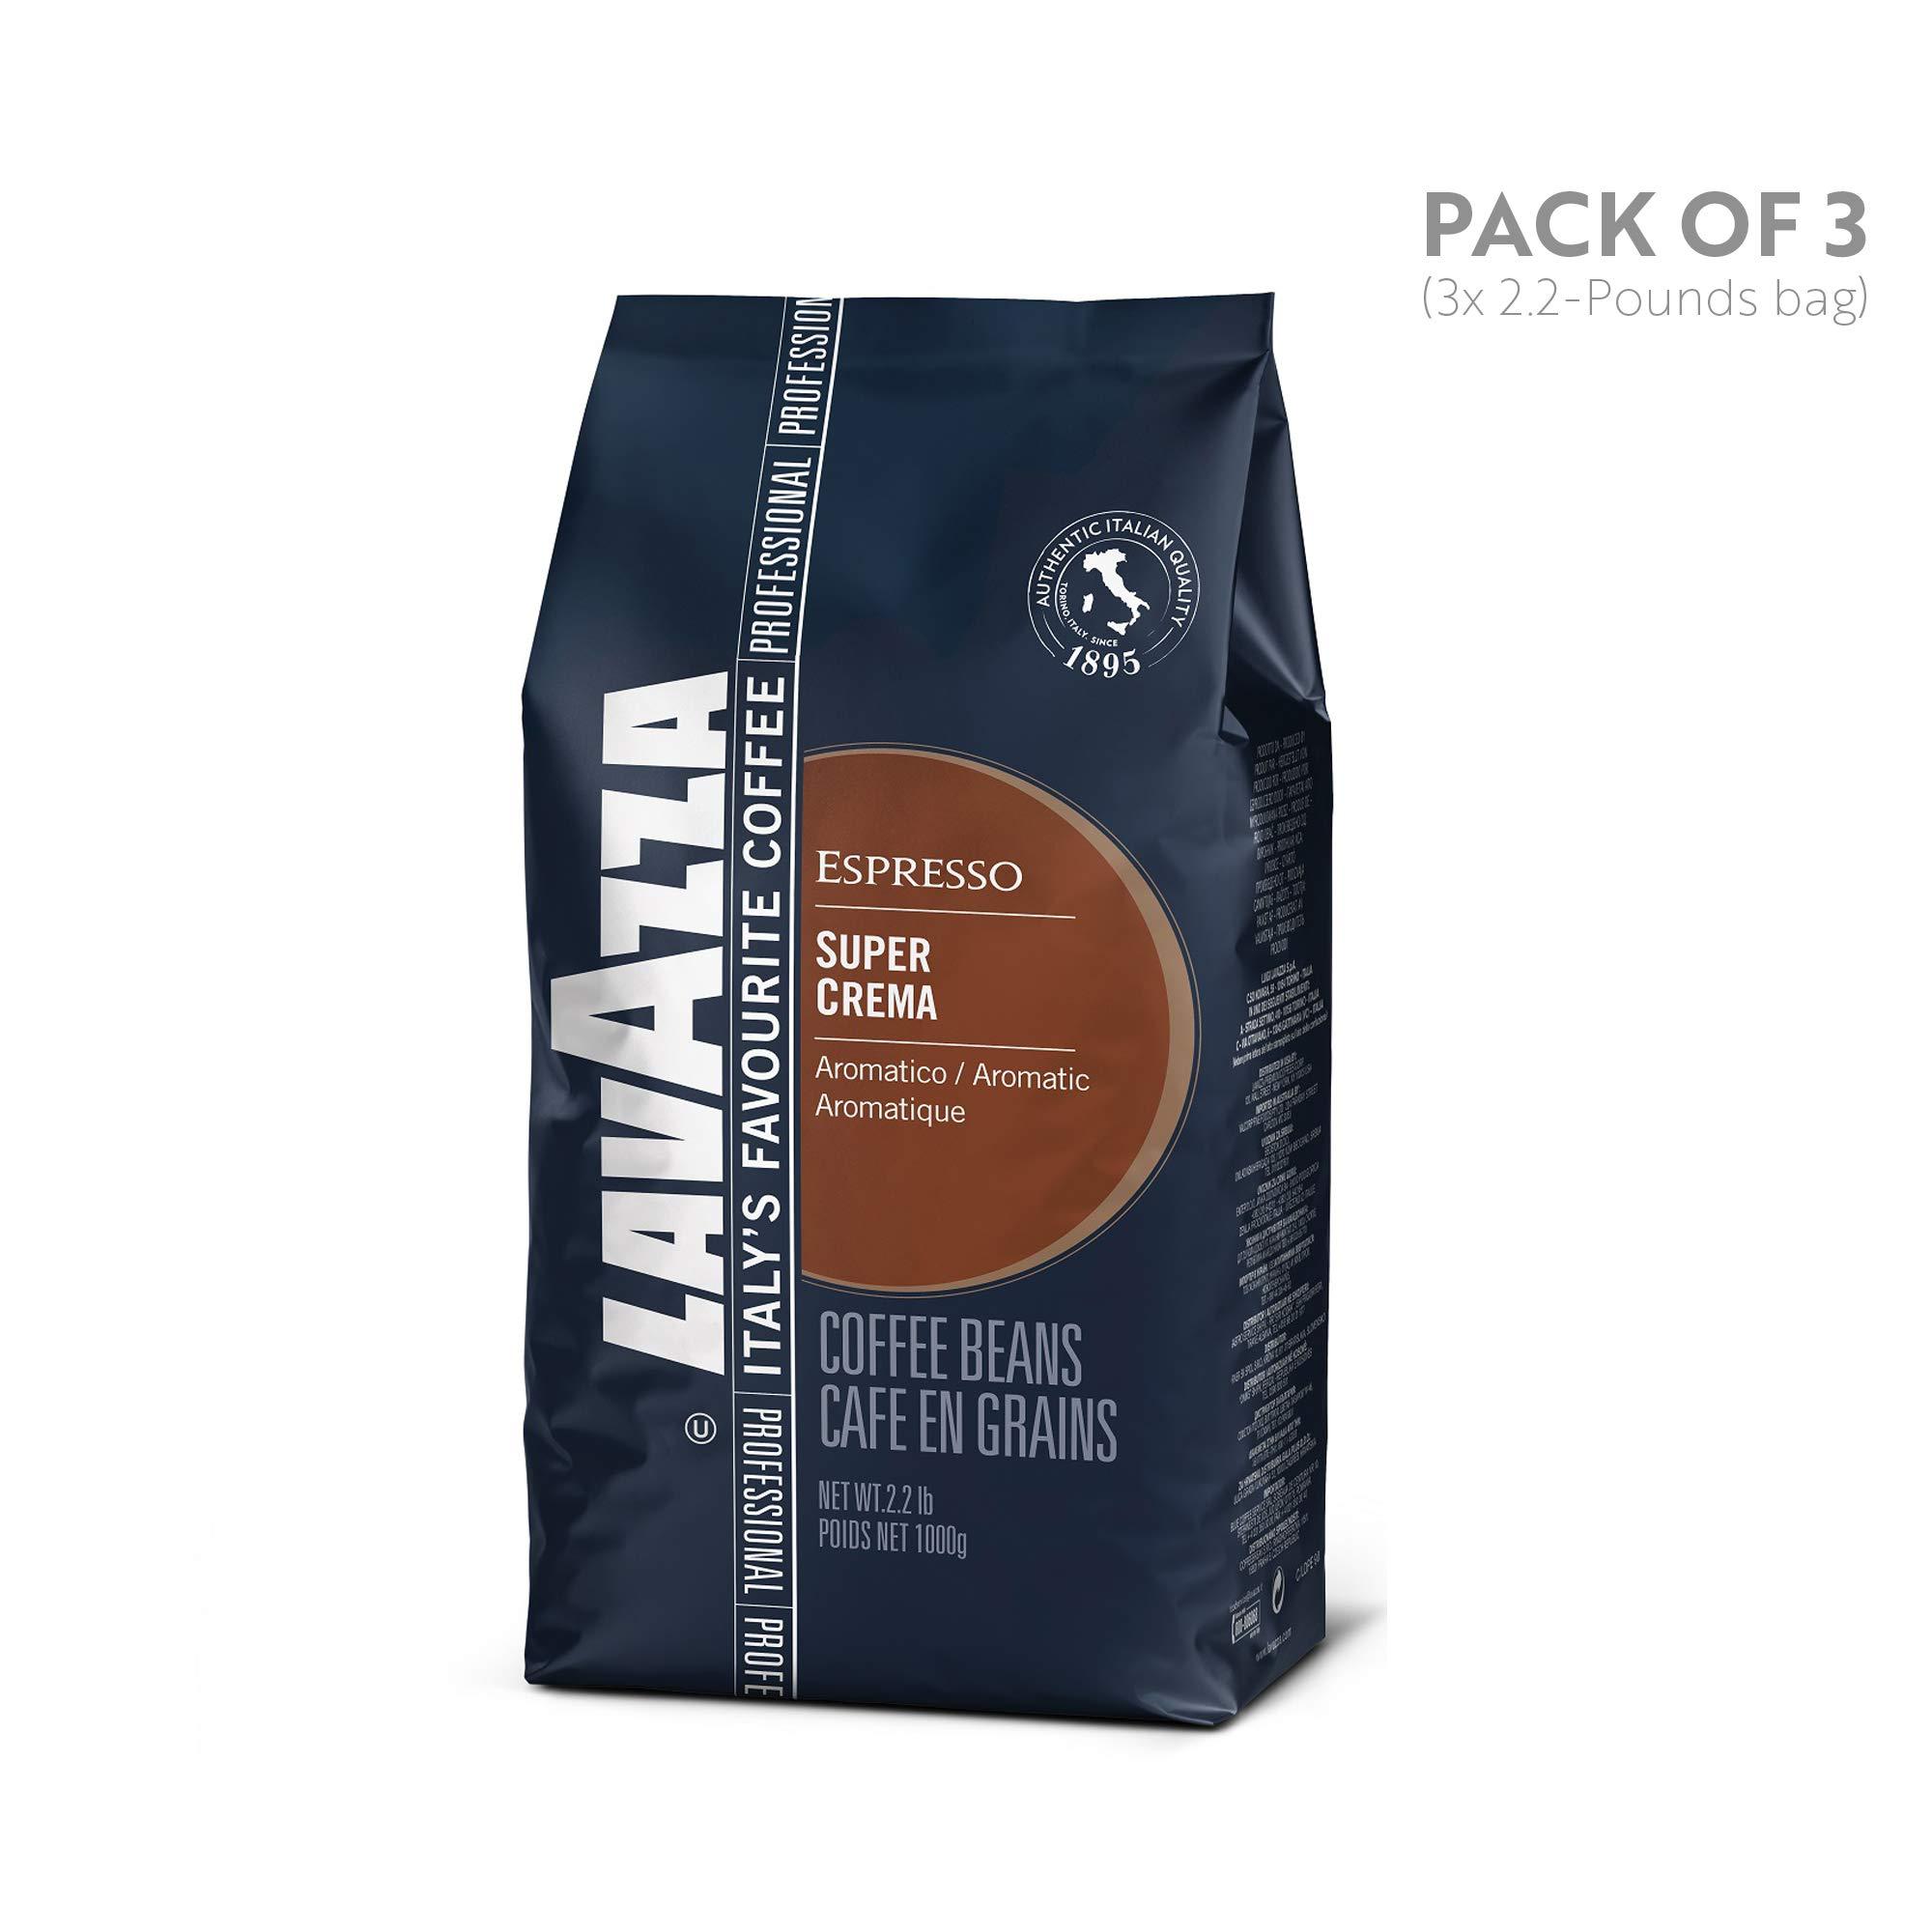 Lavazza Italian ''Super Crema'' Espresso Whole Bean Value Pack (3 x 2.2 lb bags) by Lavazza